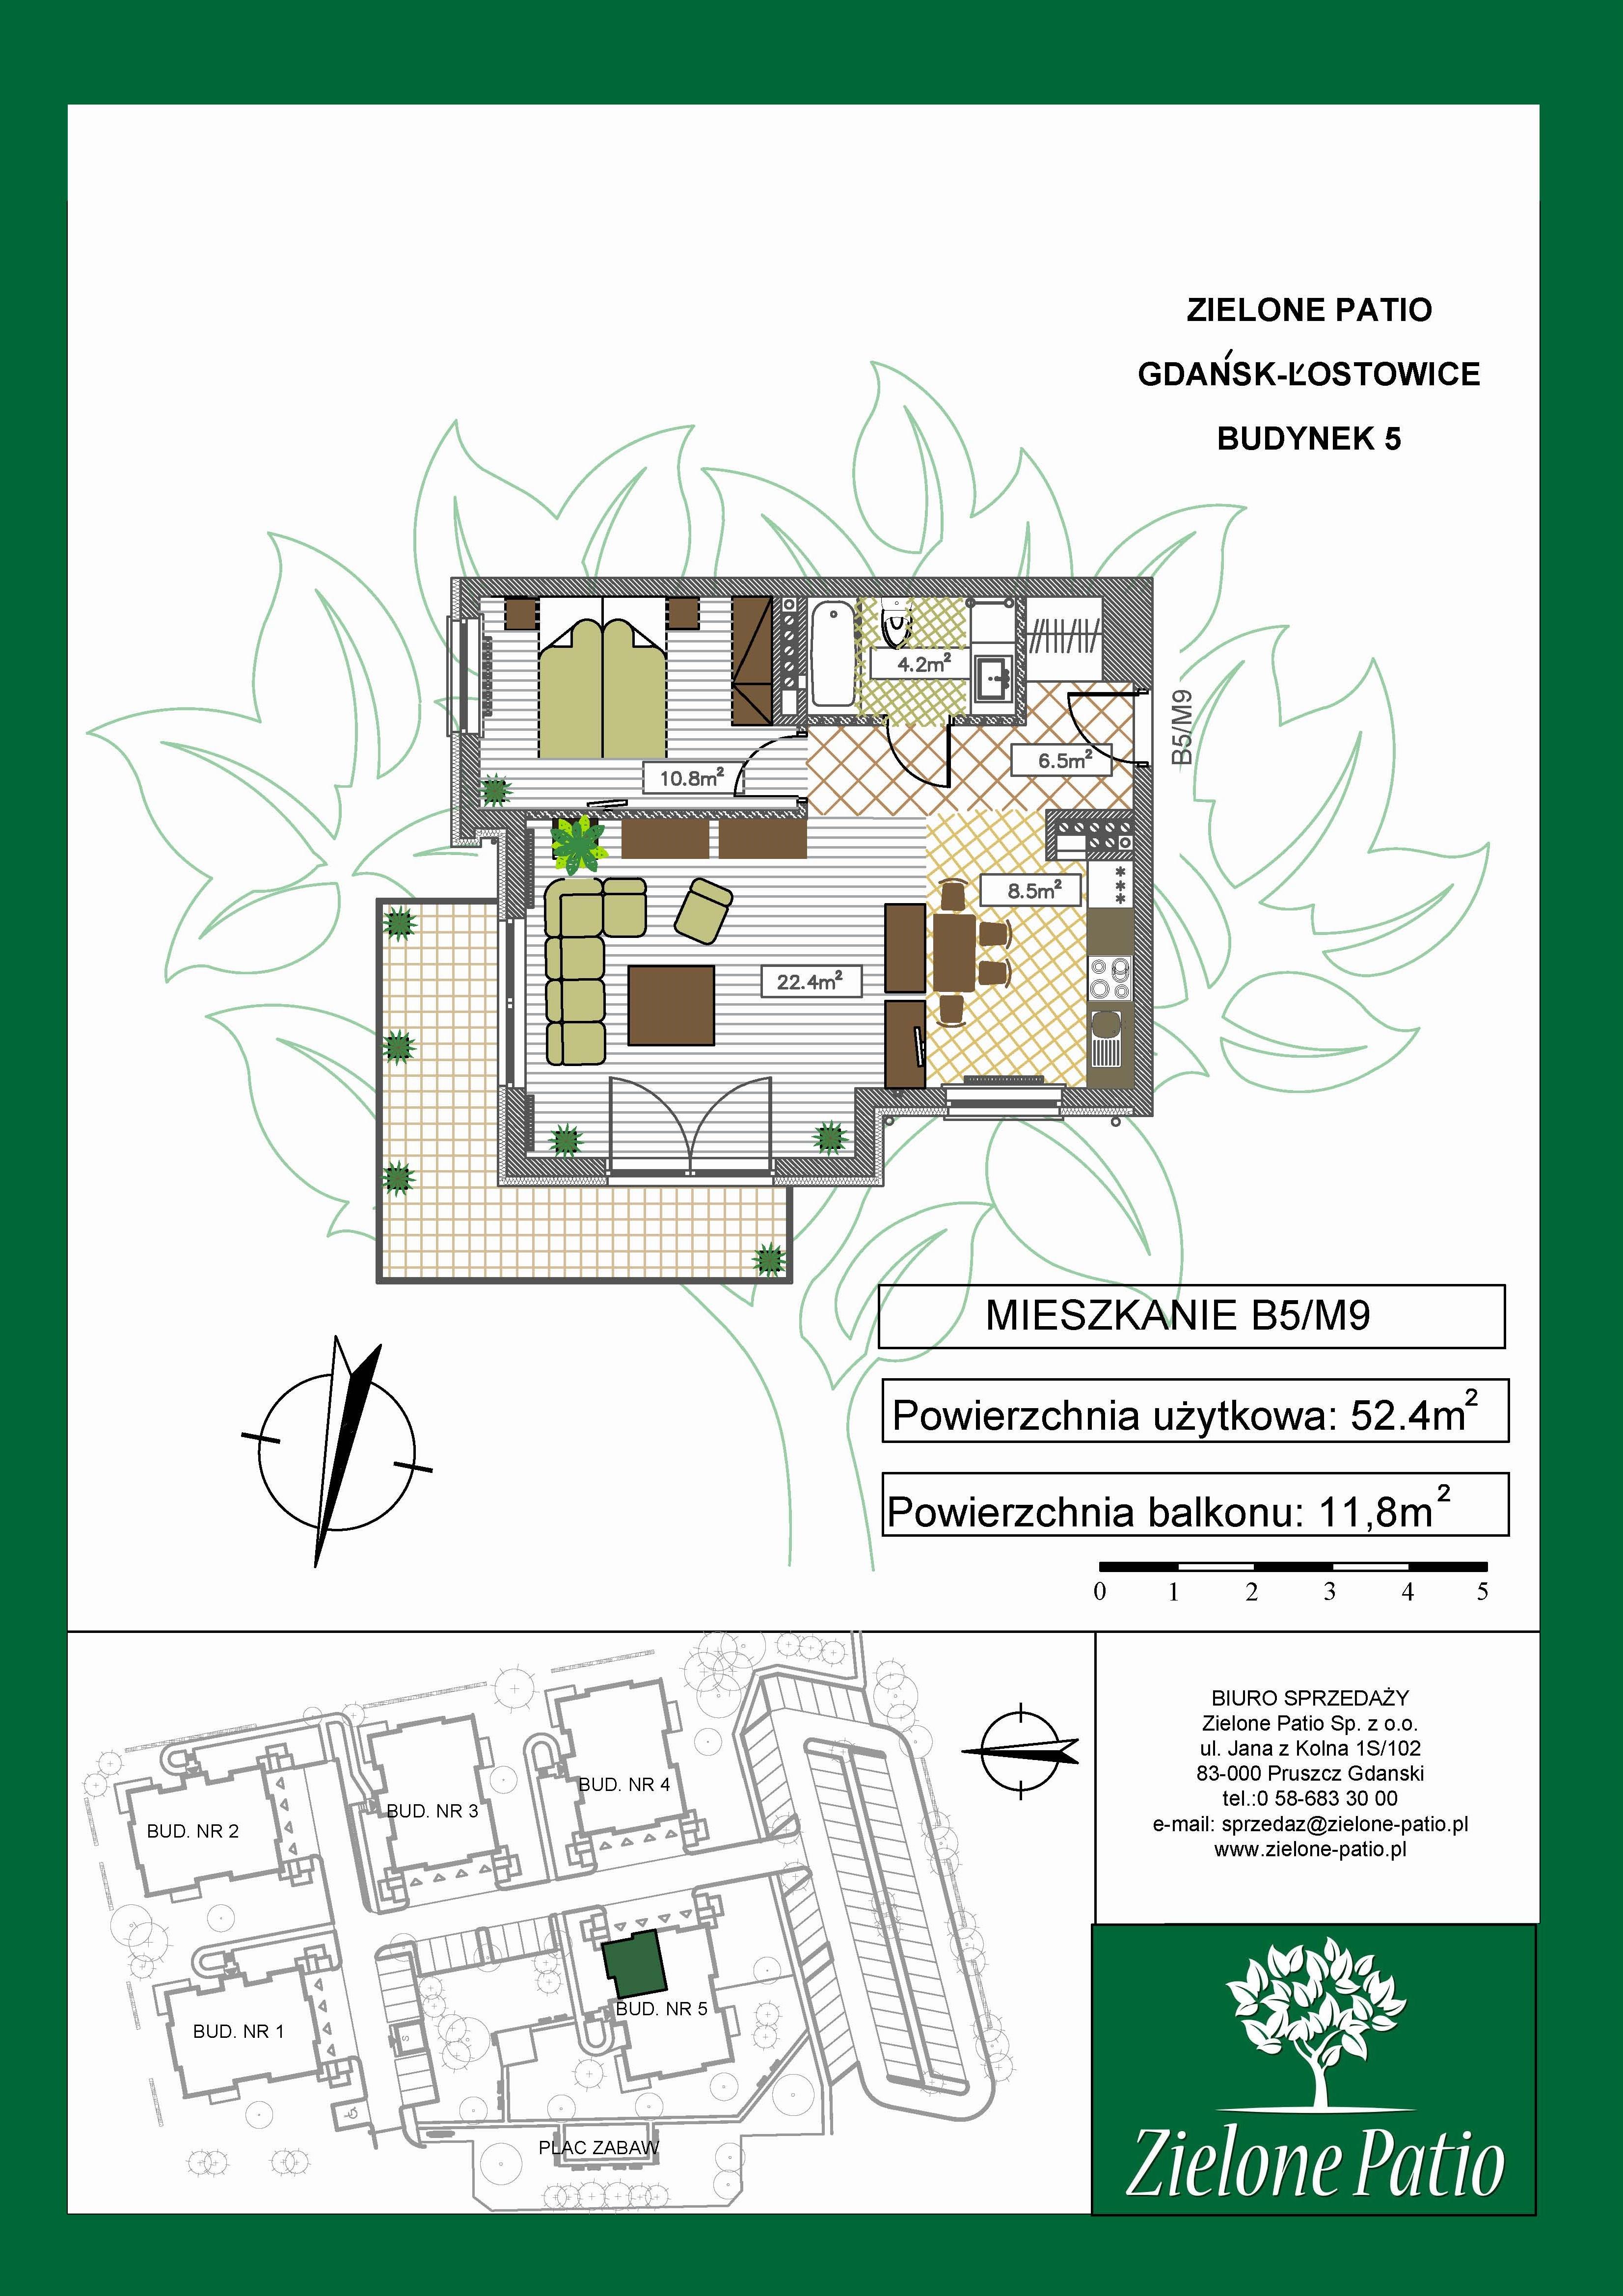 Plan M9 Zielone Patio, Budynek nr 5